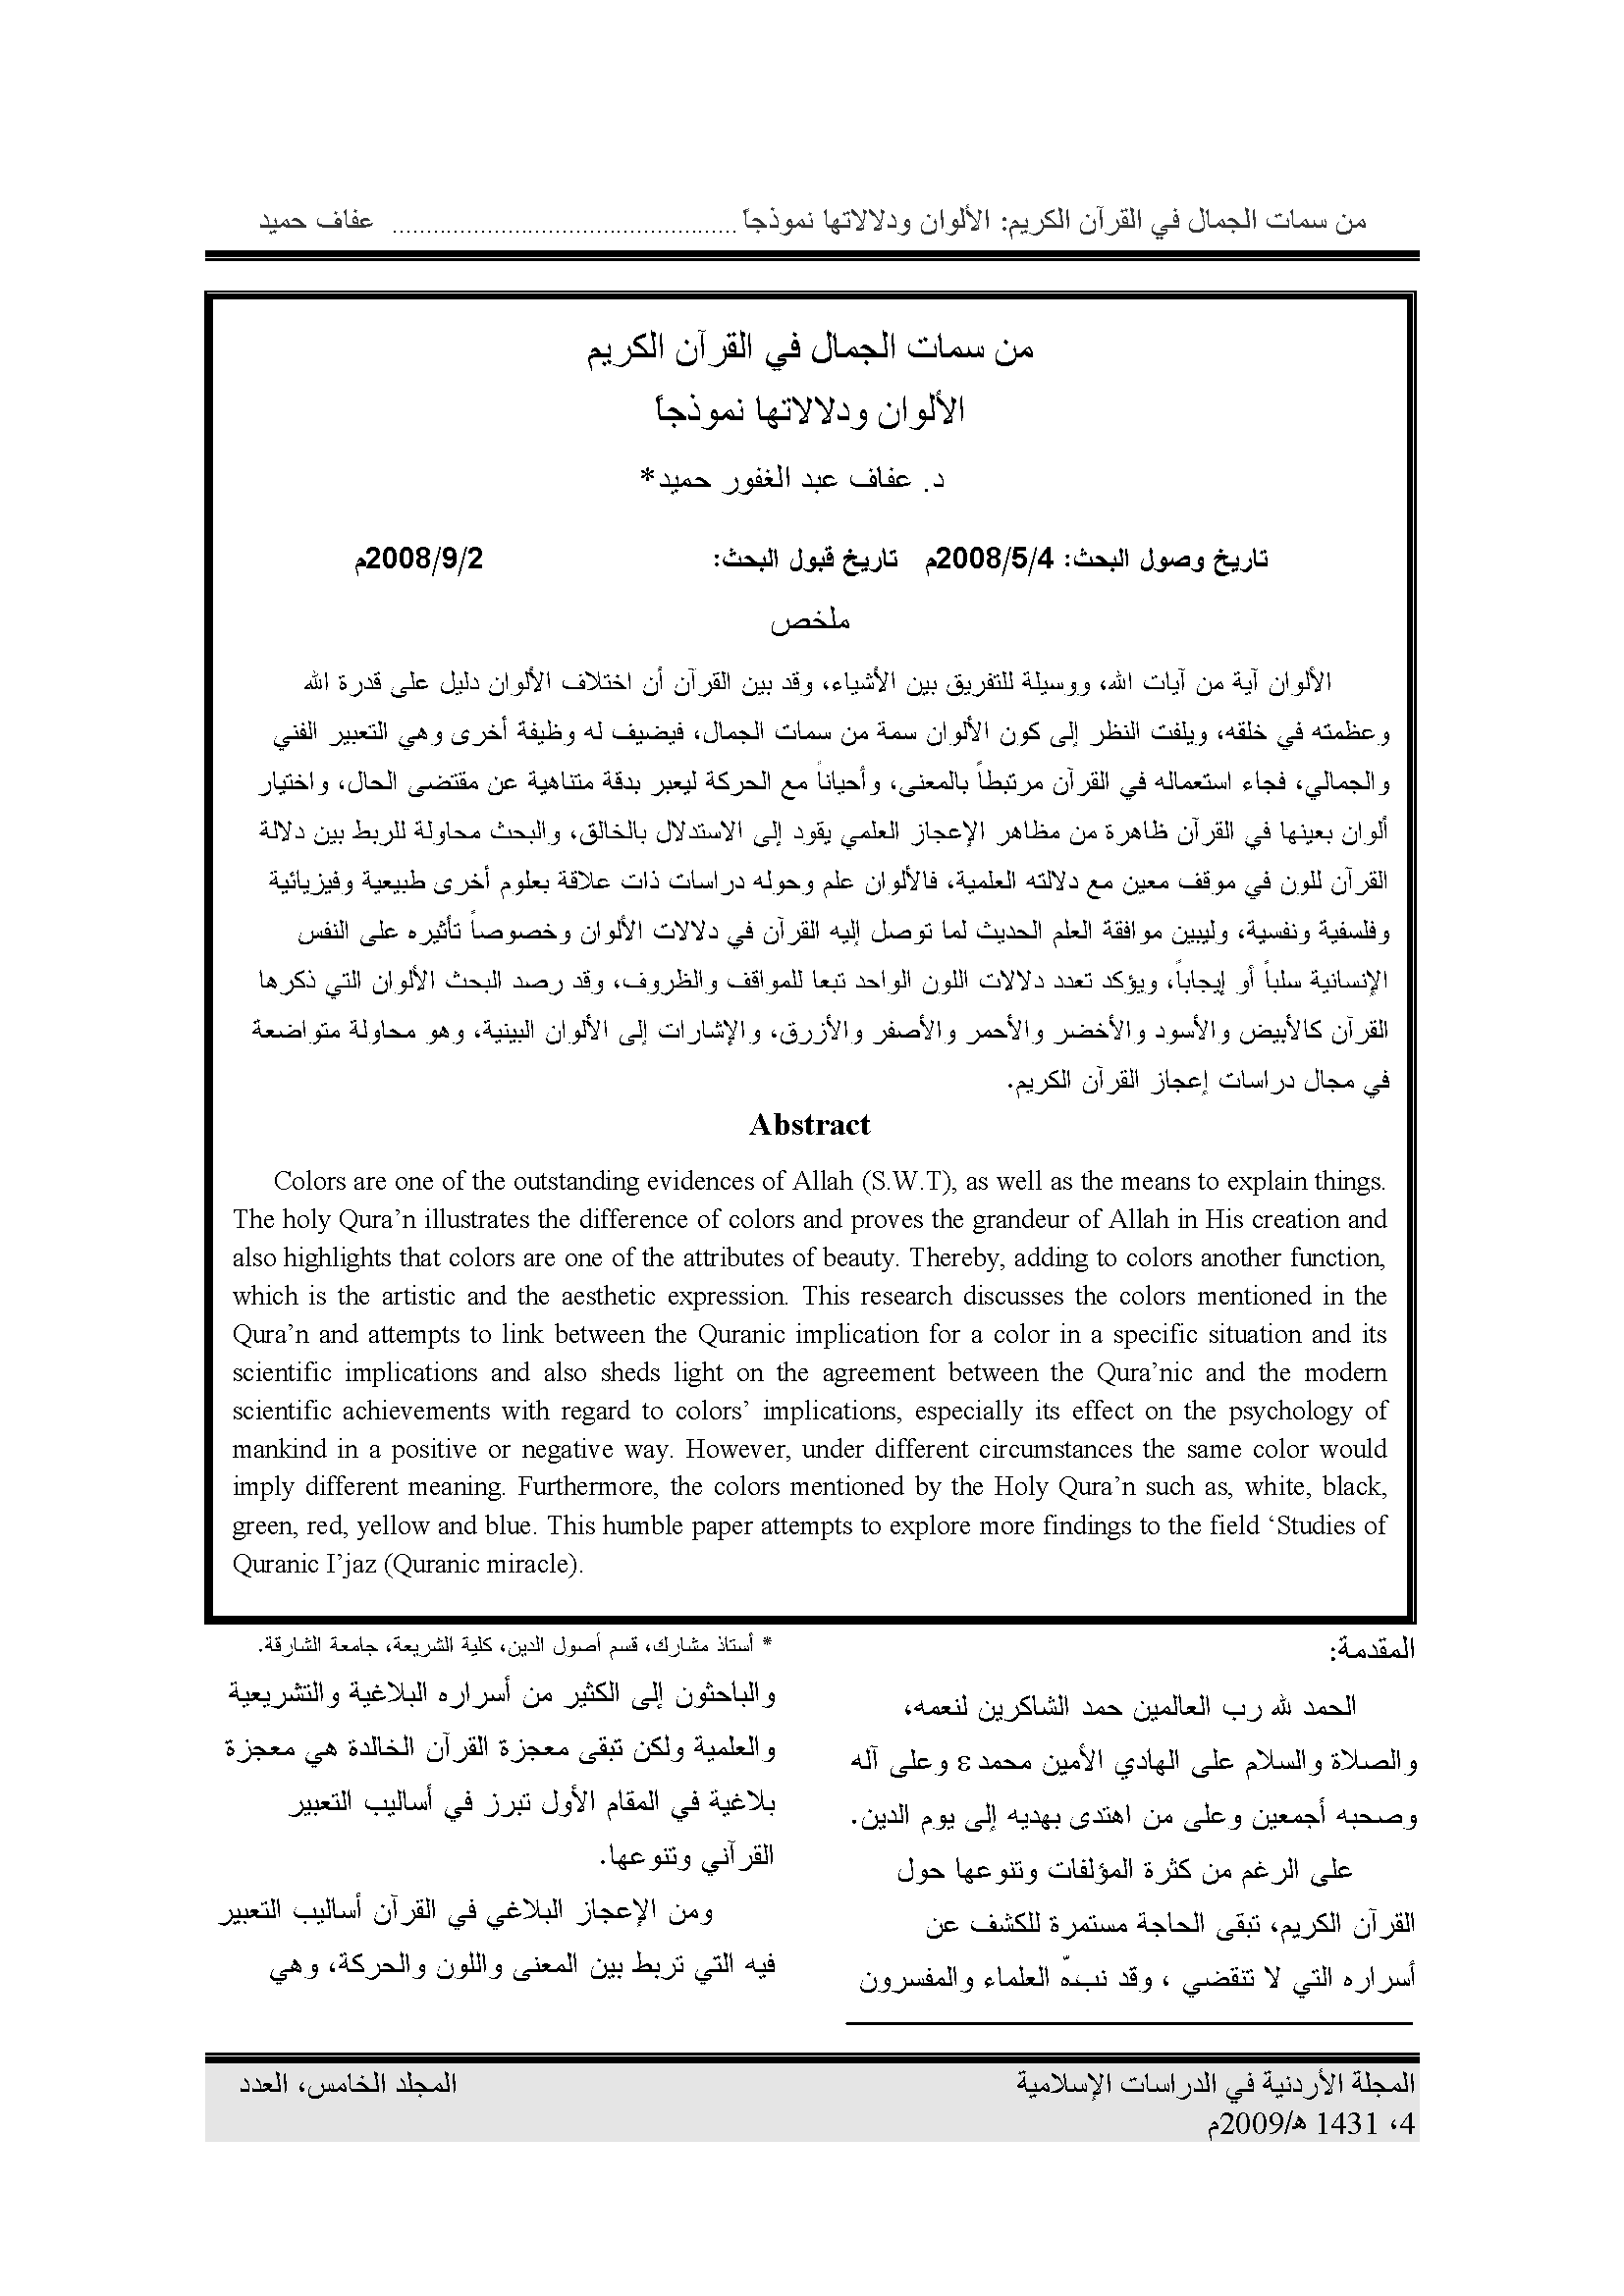 تحميل كتاب من سمات الجمال في القرآن الكريم (الألوان ودلالاتها نموذجًا) لـِ: عفاف عبد الغفور حميد